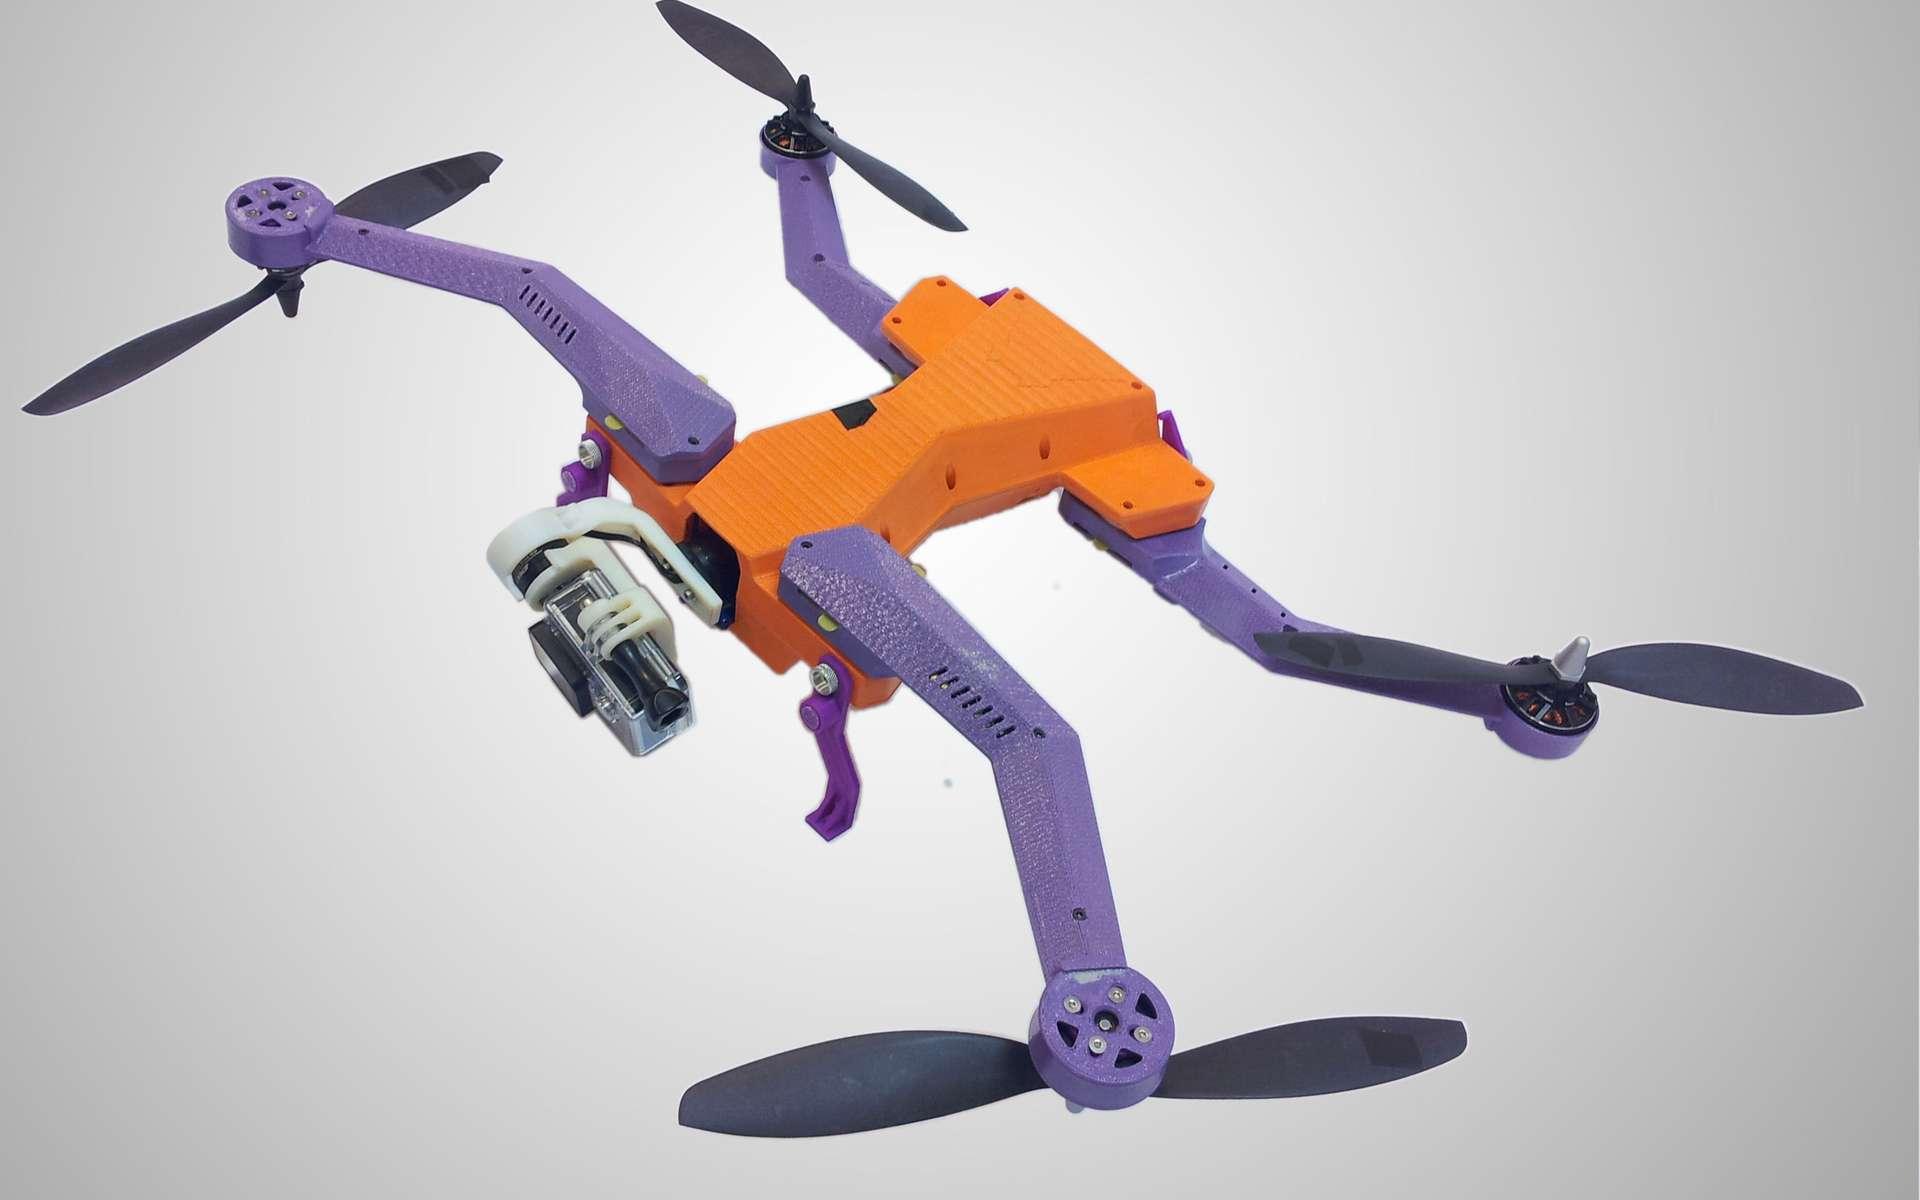 Parmi les très nombreuses nouveautés en matière de drones présentées au Consumer Electronics Show, l'AirDog fut l'une des plus remarquées. © AirDog